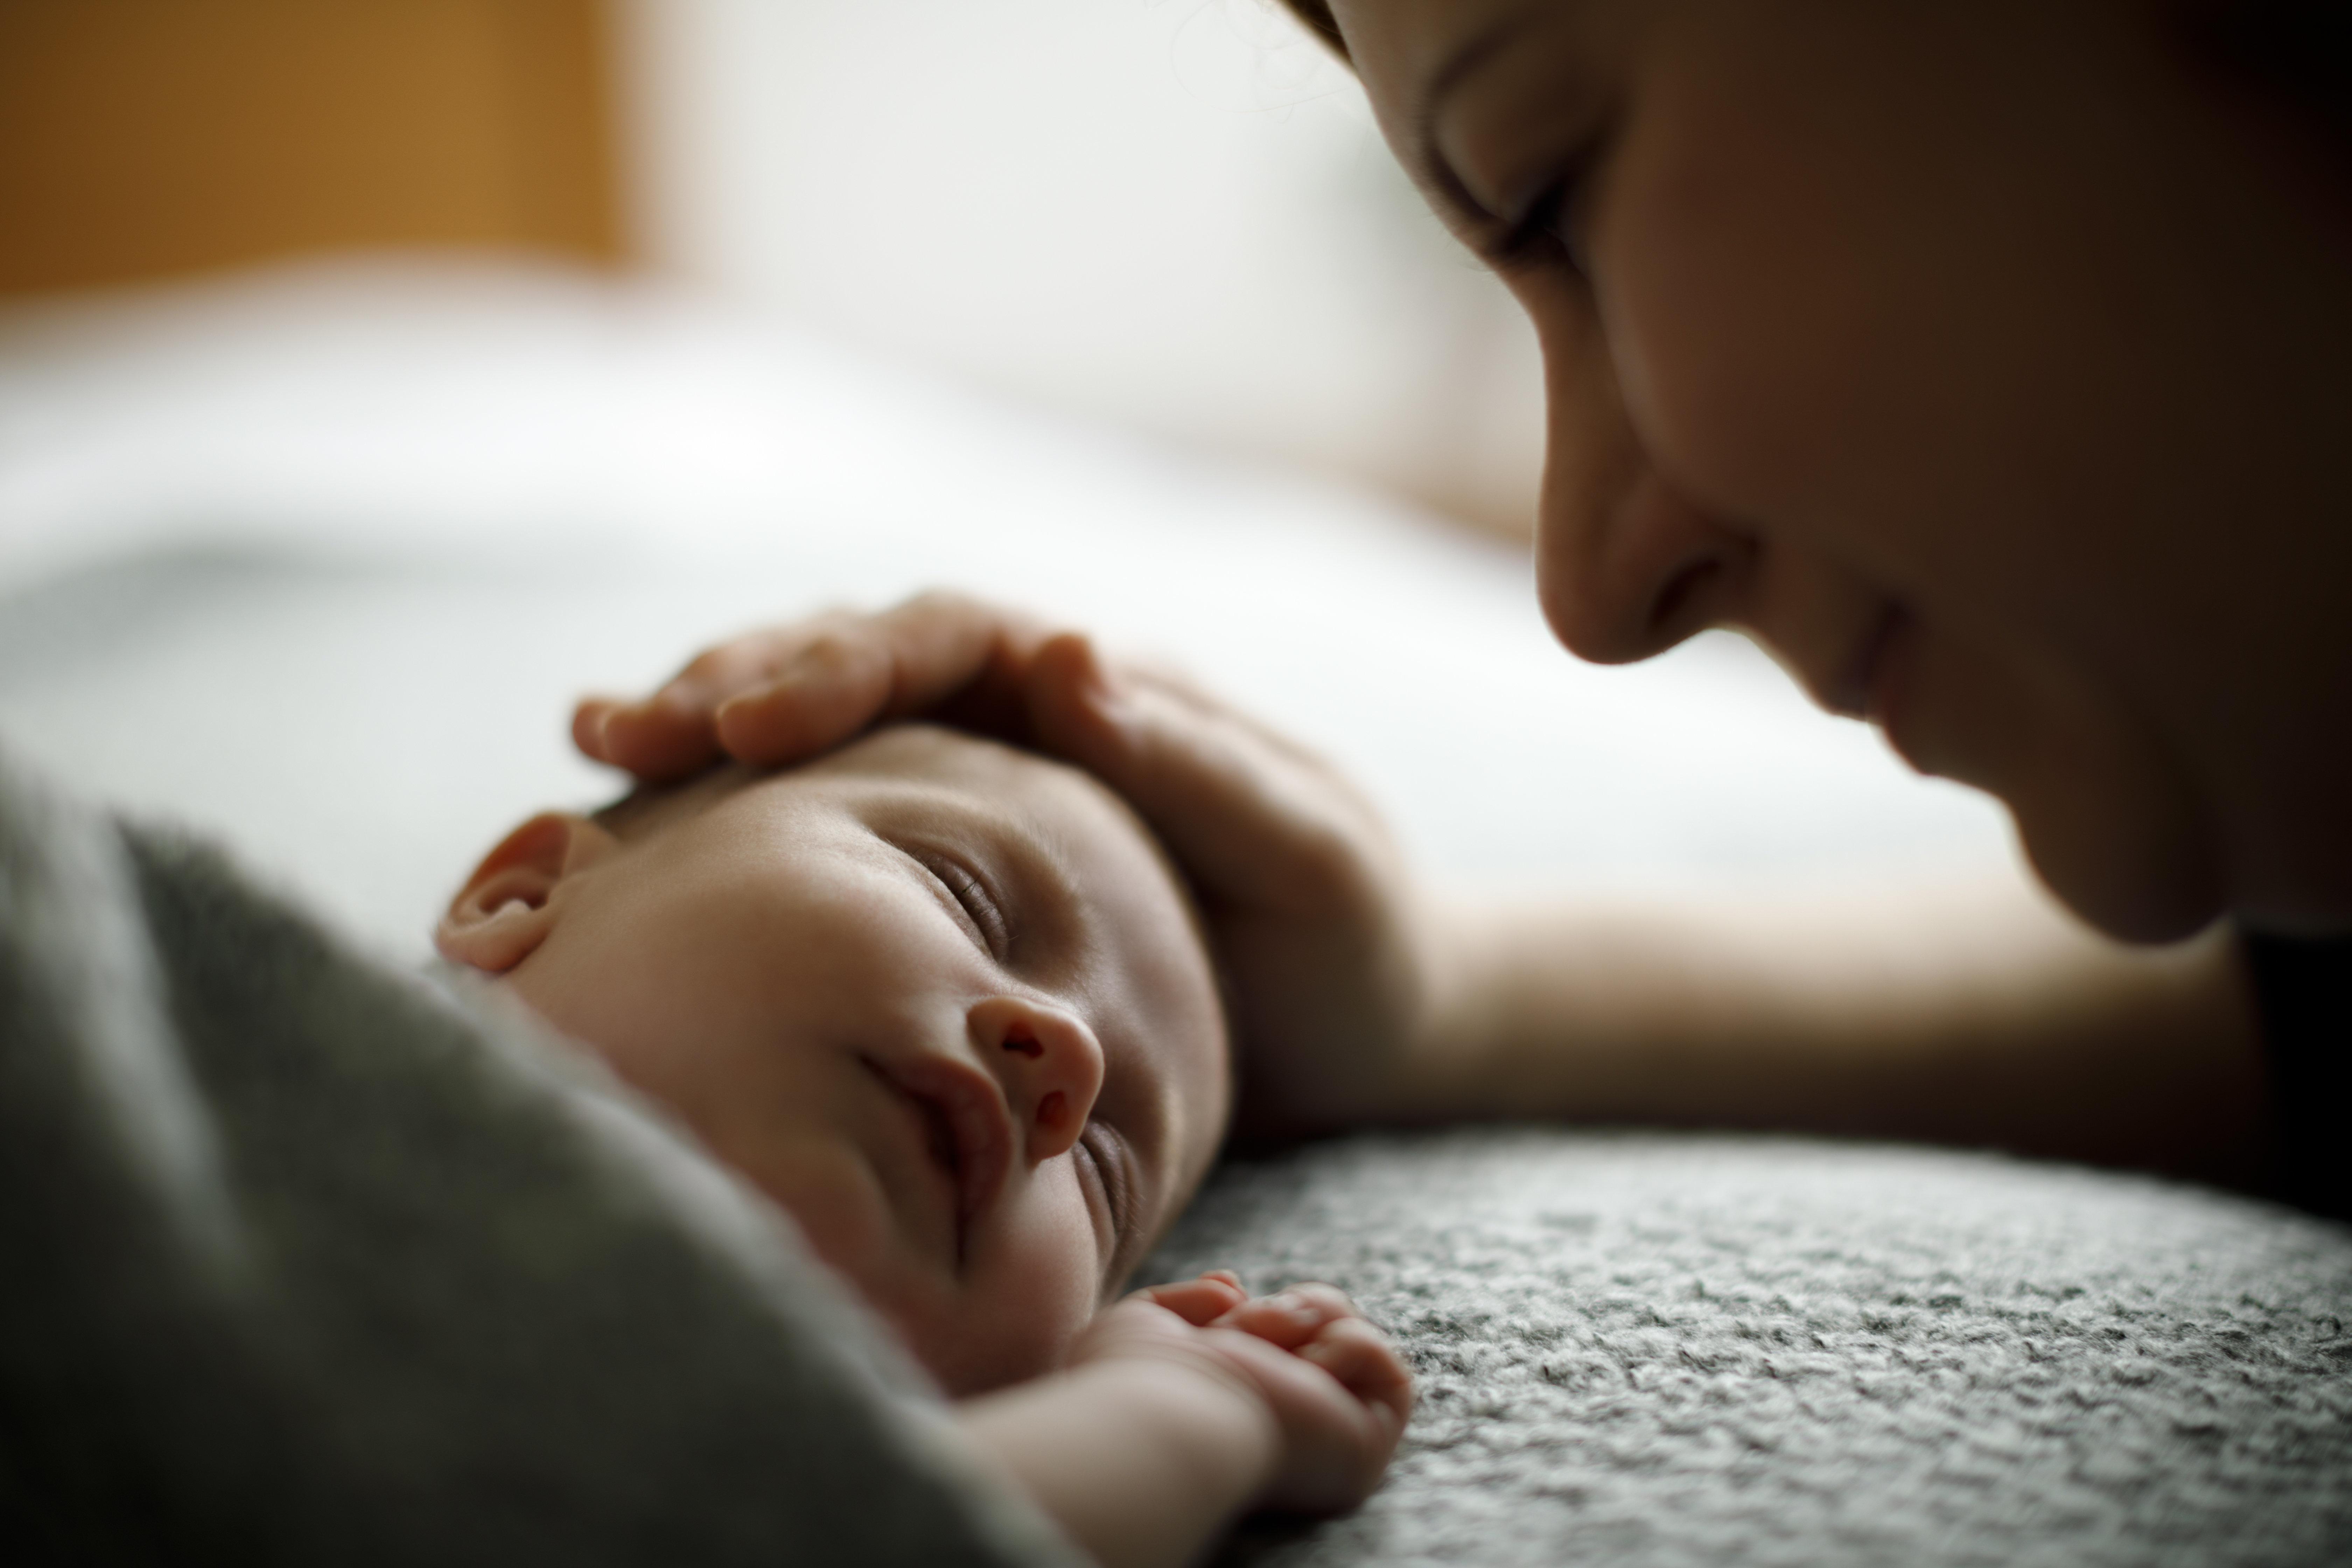 Du willst immer schlafen, dein Baby nie.